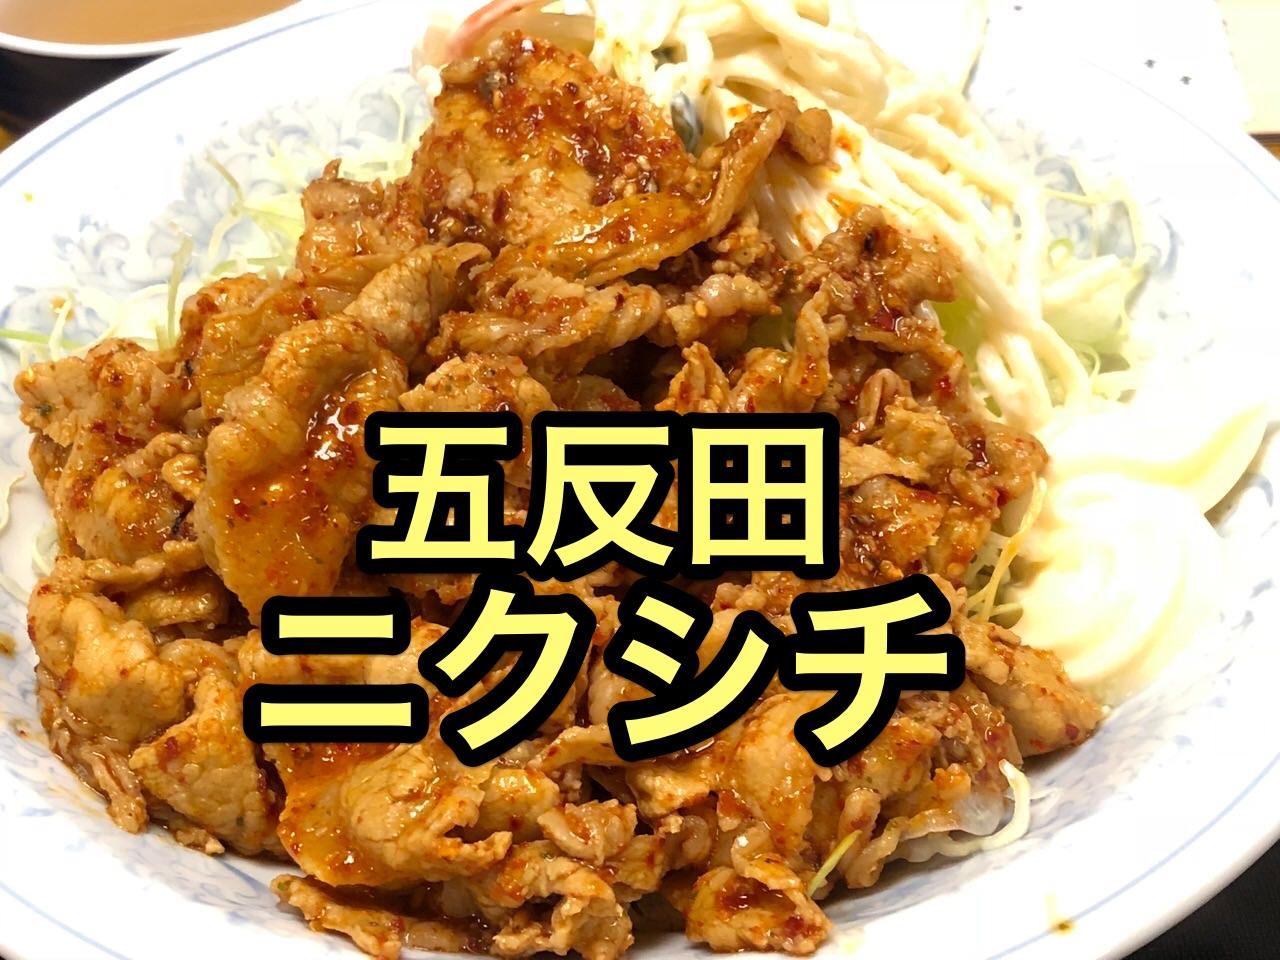 【五反田ランチ】ジャンクな味は元気の素!「食事処 志野」のニクシチ【ひとり】